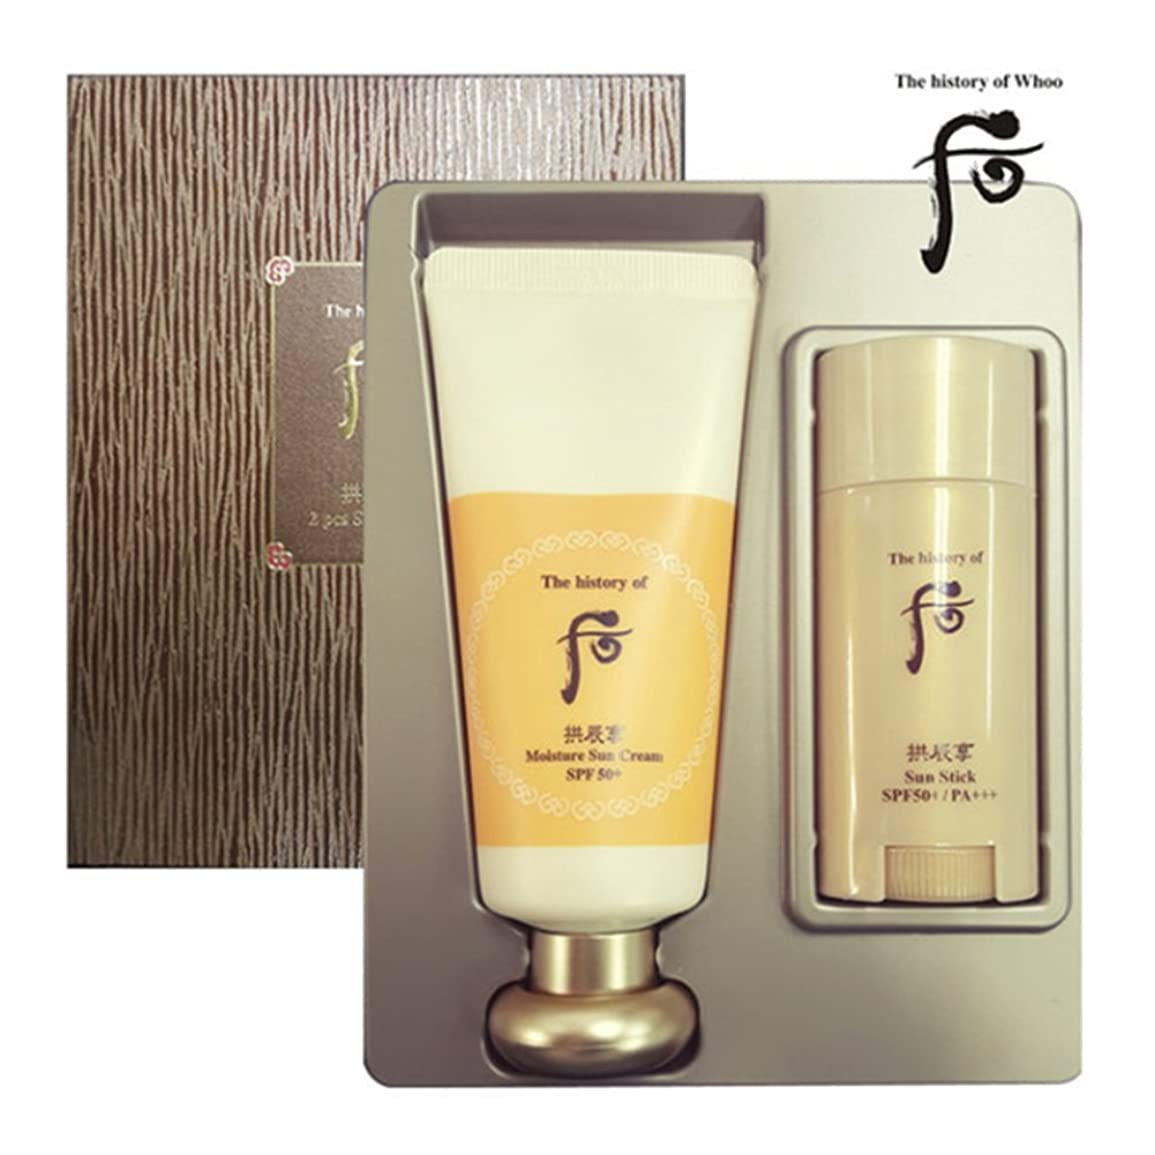 良心気付く有名人【フー/The history of whoo] Whoo 后 Jin Hae Yoon Sun Cream and Sun Stick Special Set/后(フー) ゴンジンヒャン ジン ヘユン サンクリーム&サンスティック2種セット [SPF50+/PA+++] + [Sample Gift](海外直送品)